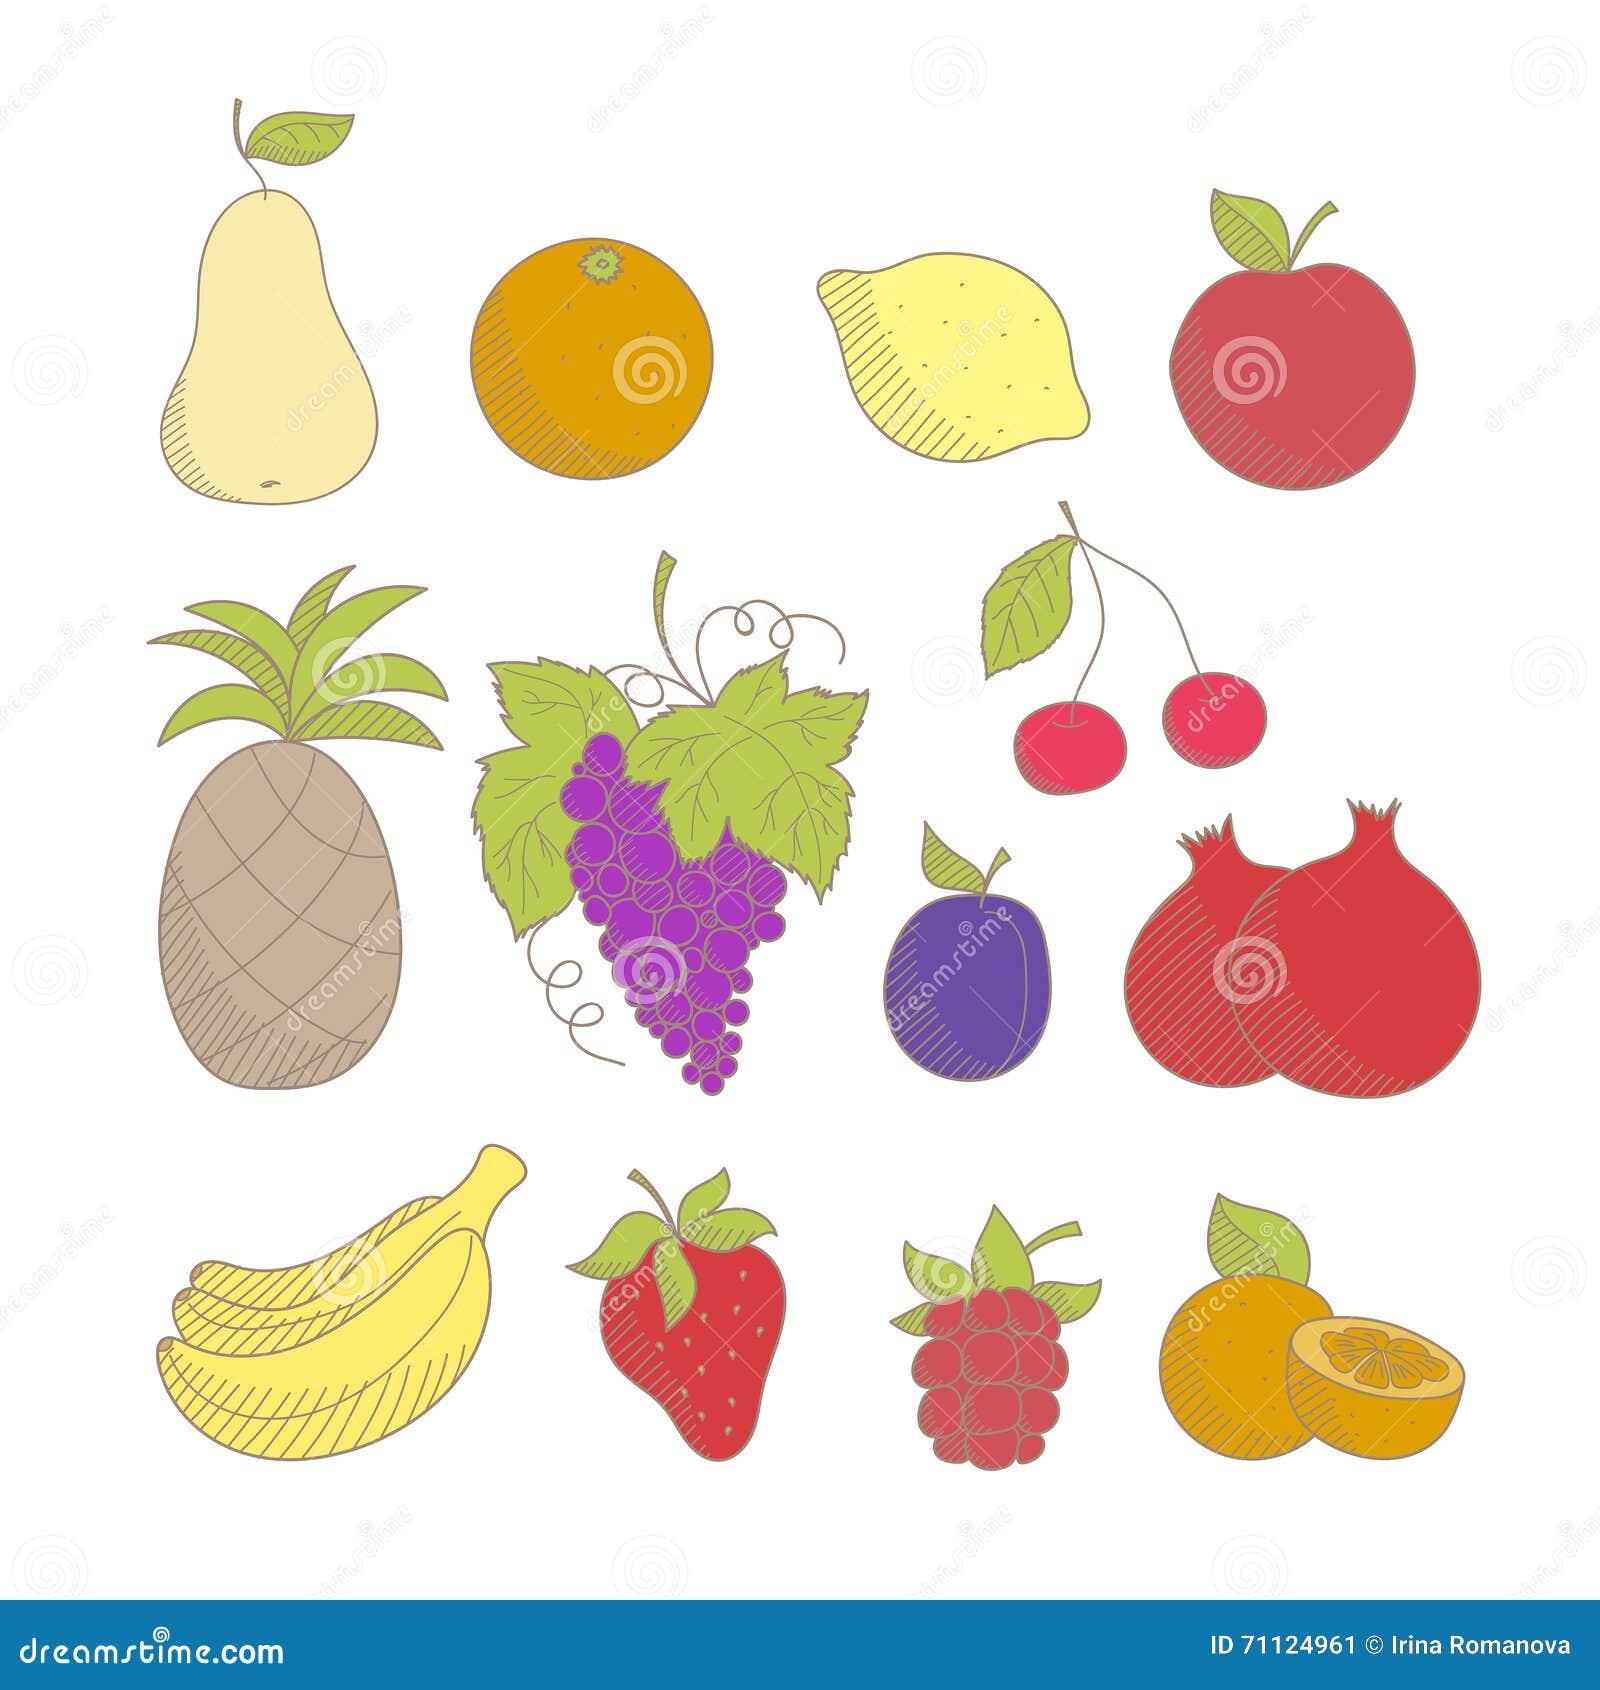 Pineapple Kitchen Set